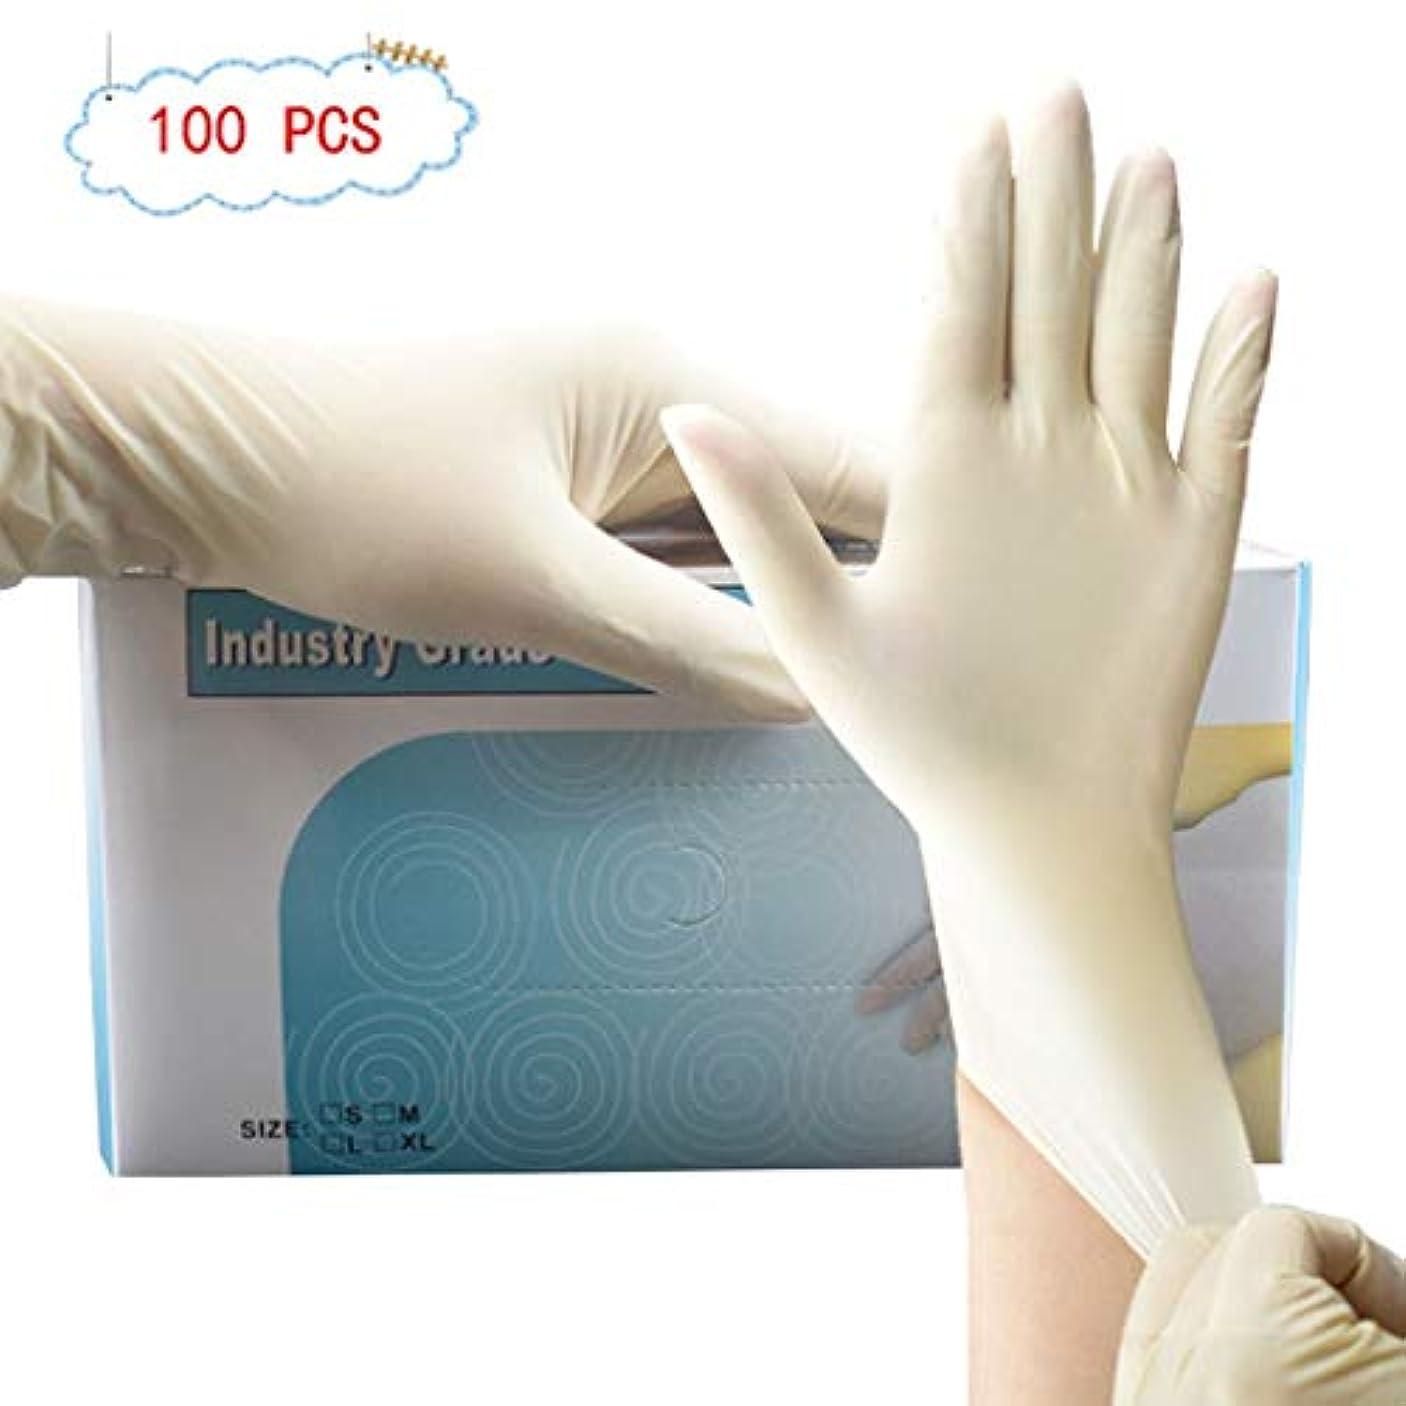 食欲ホラー幻滅する使い捨て外科太いラテックス手袋パウダーフリーダストフリーゴム手袋手袋デューティ検査用手袋|病院のための専門の等級 (Color : 9 inch, Size : S)